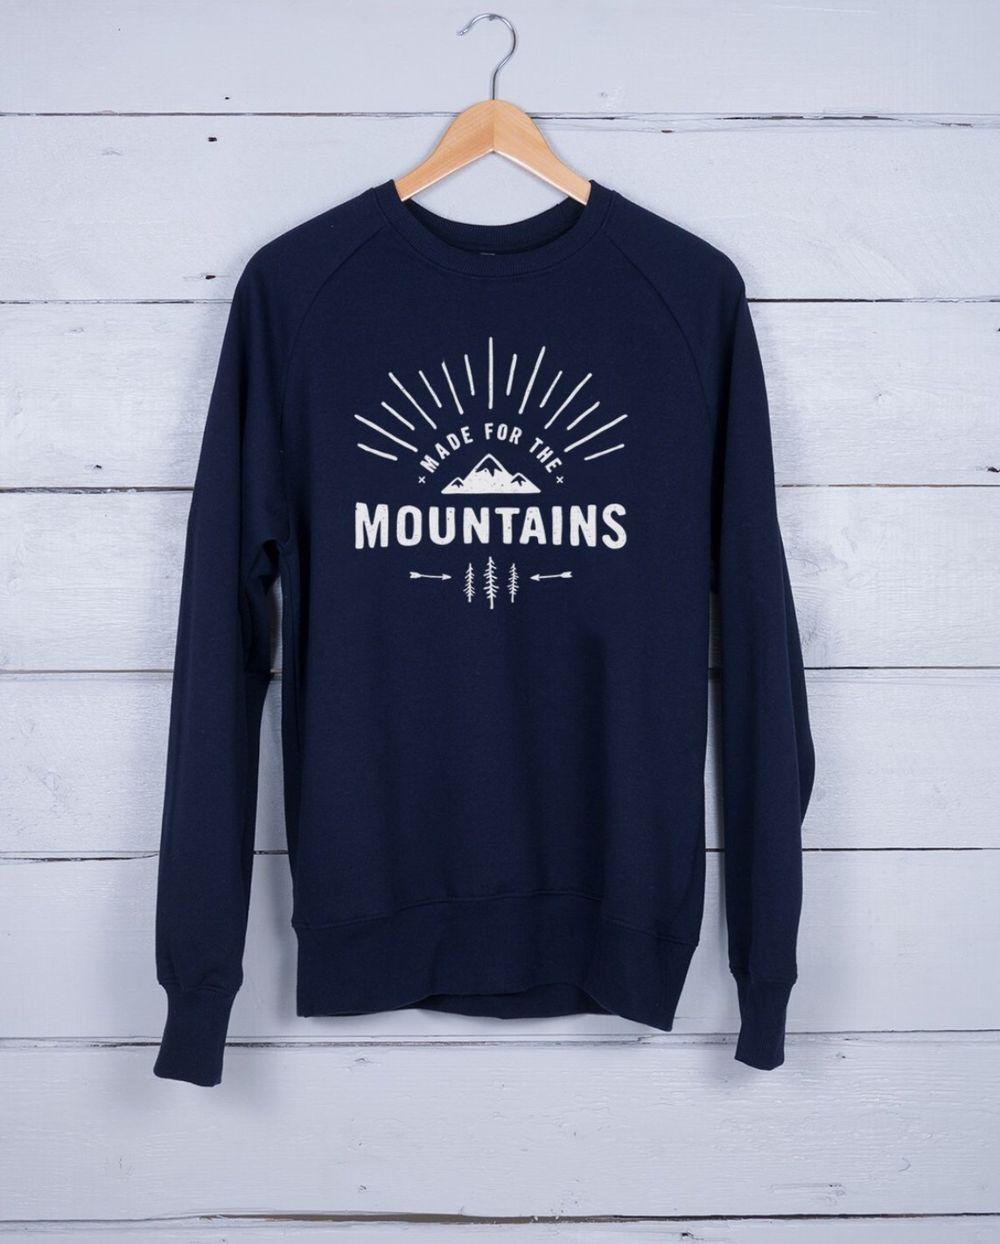 Sweater met zeefdruk (donkerblauw) via Hutshop. Click on the image to see more!